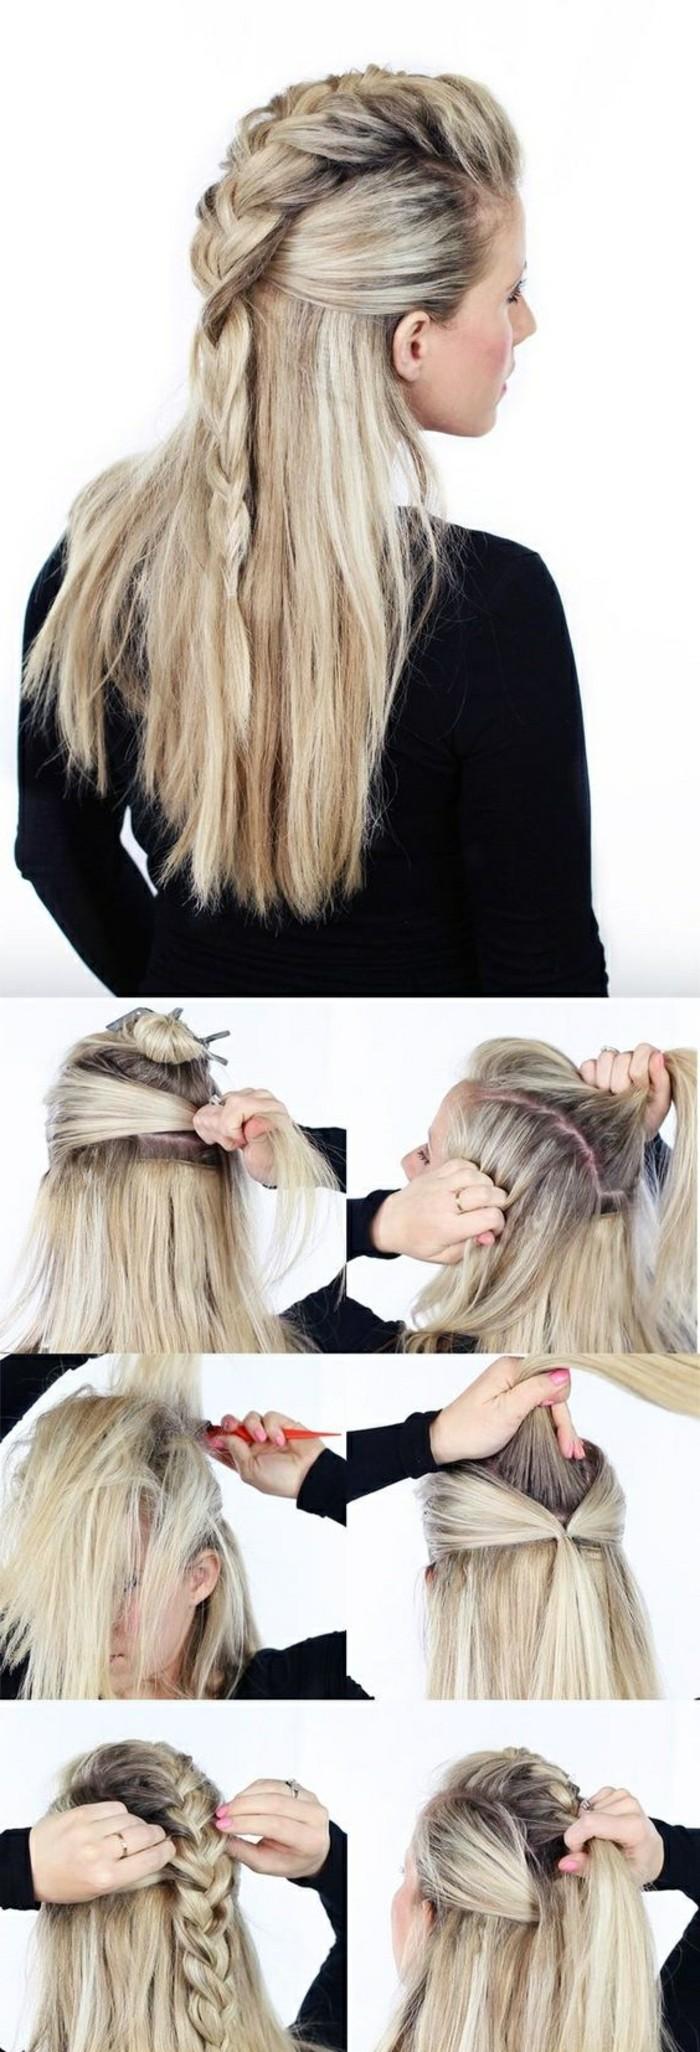 schnelle-frisuren-mittellange-blonde-glatte-haare-zopf-frisieren-haarfrisur-selber-machen